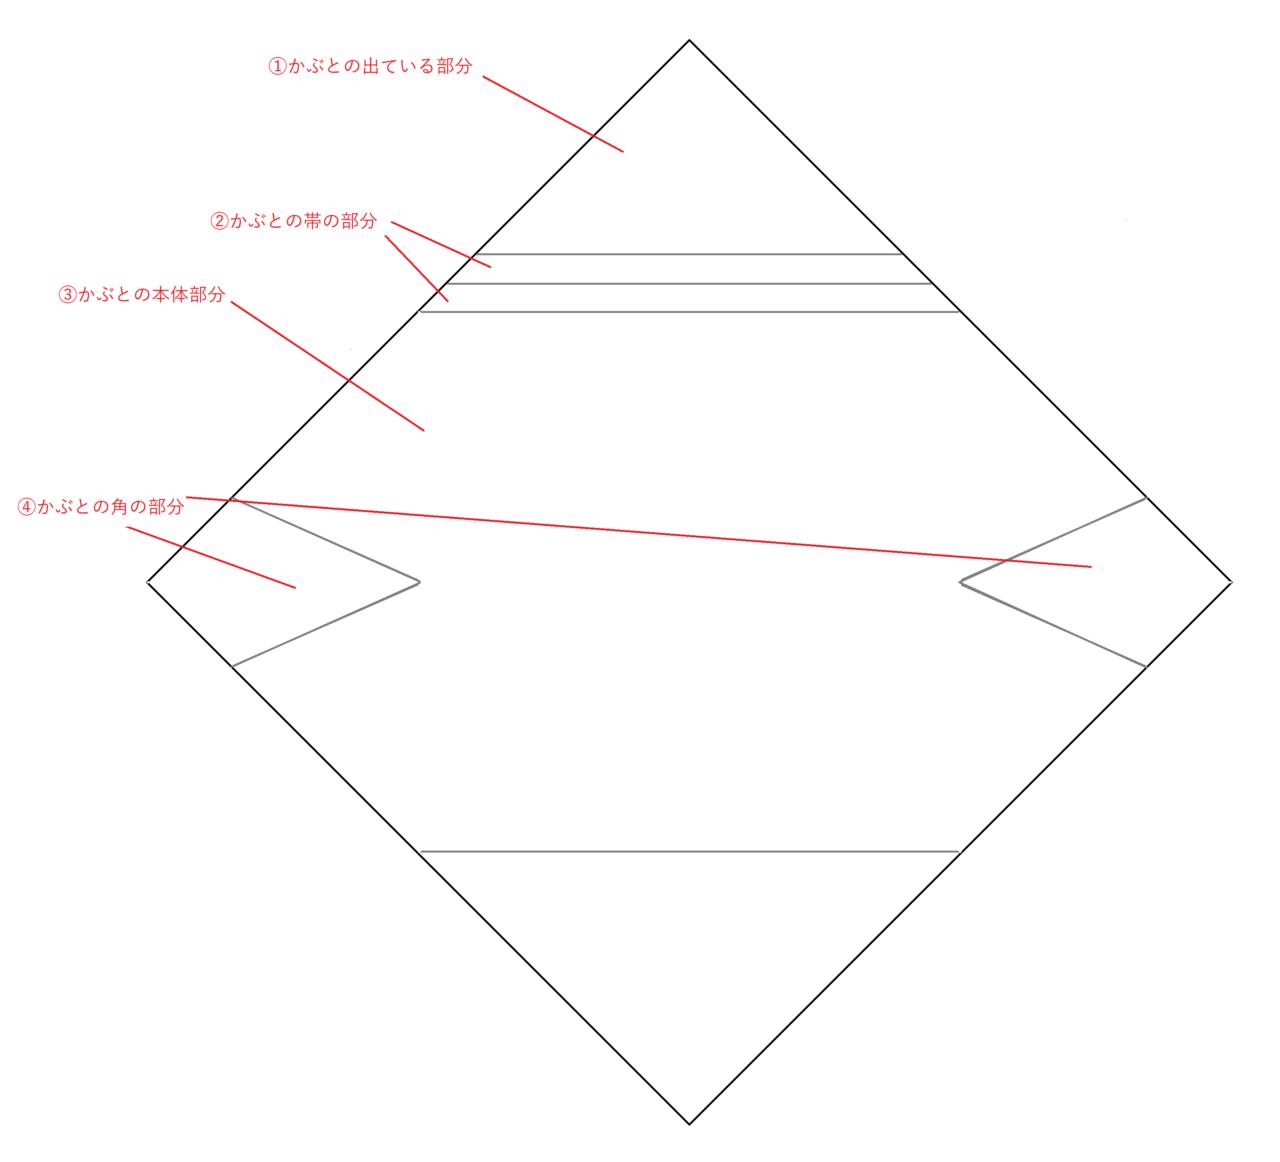 かぶとの型紙の説明